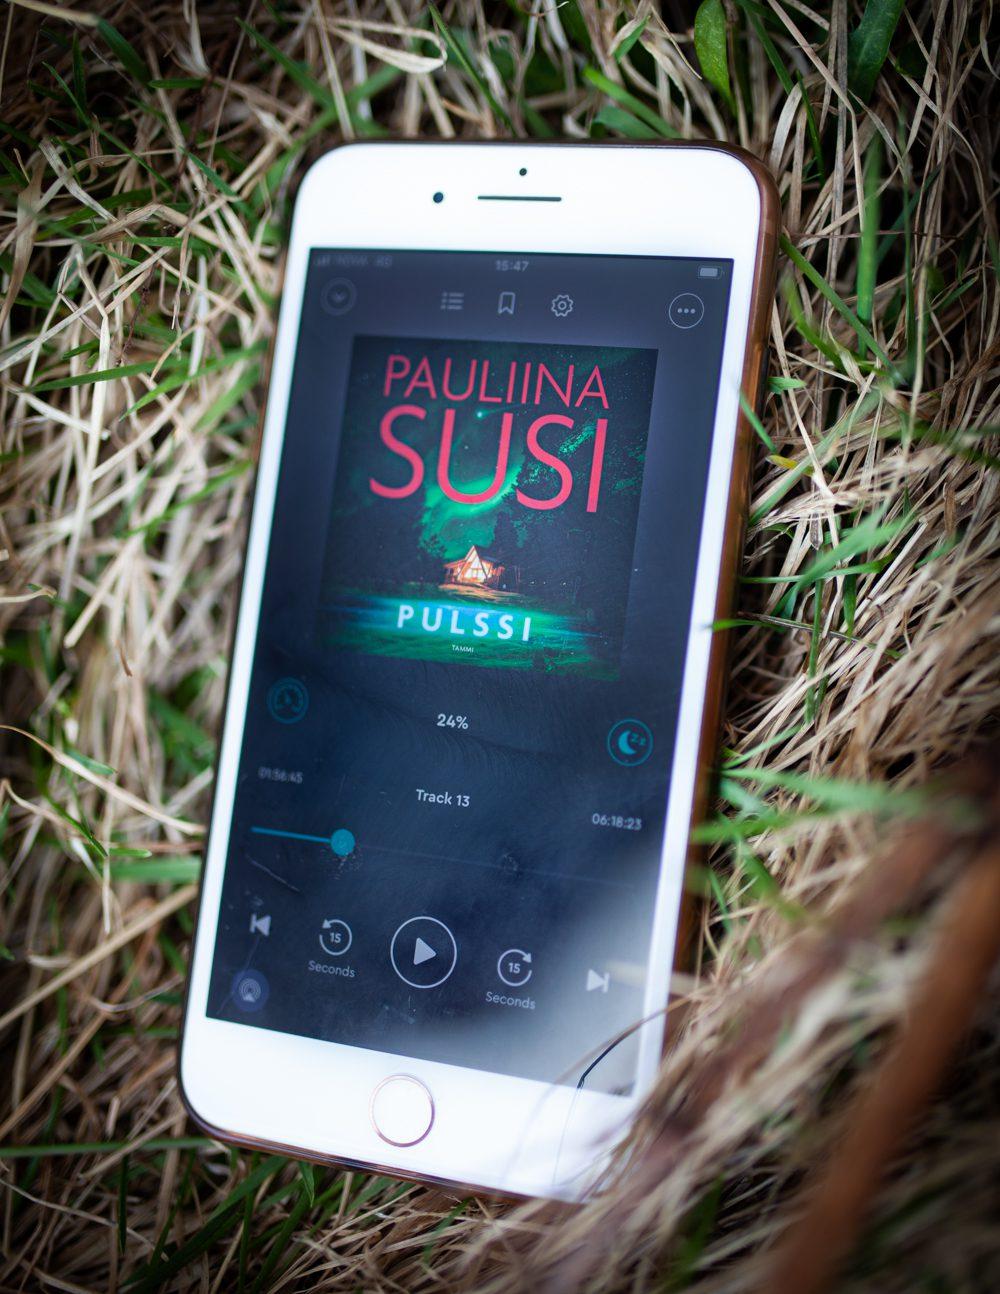 Pauliina Susi Pulssi